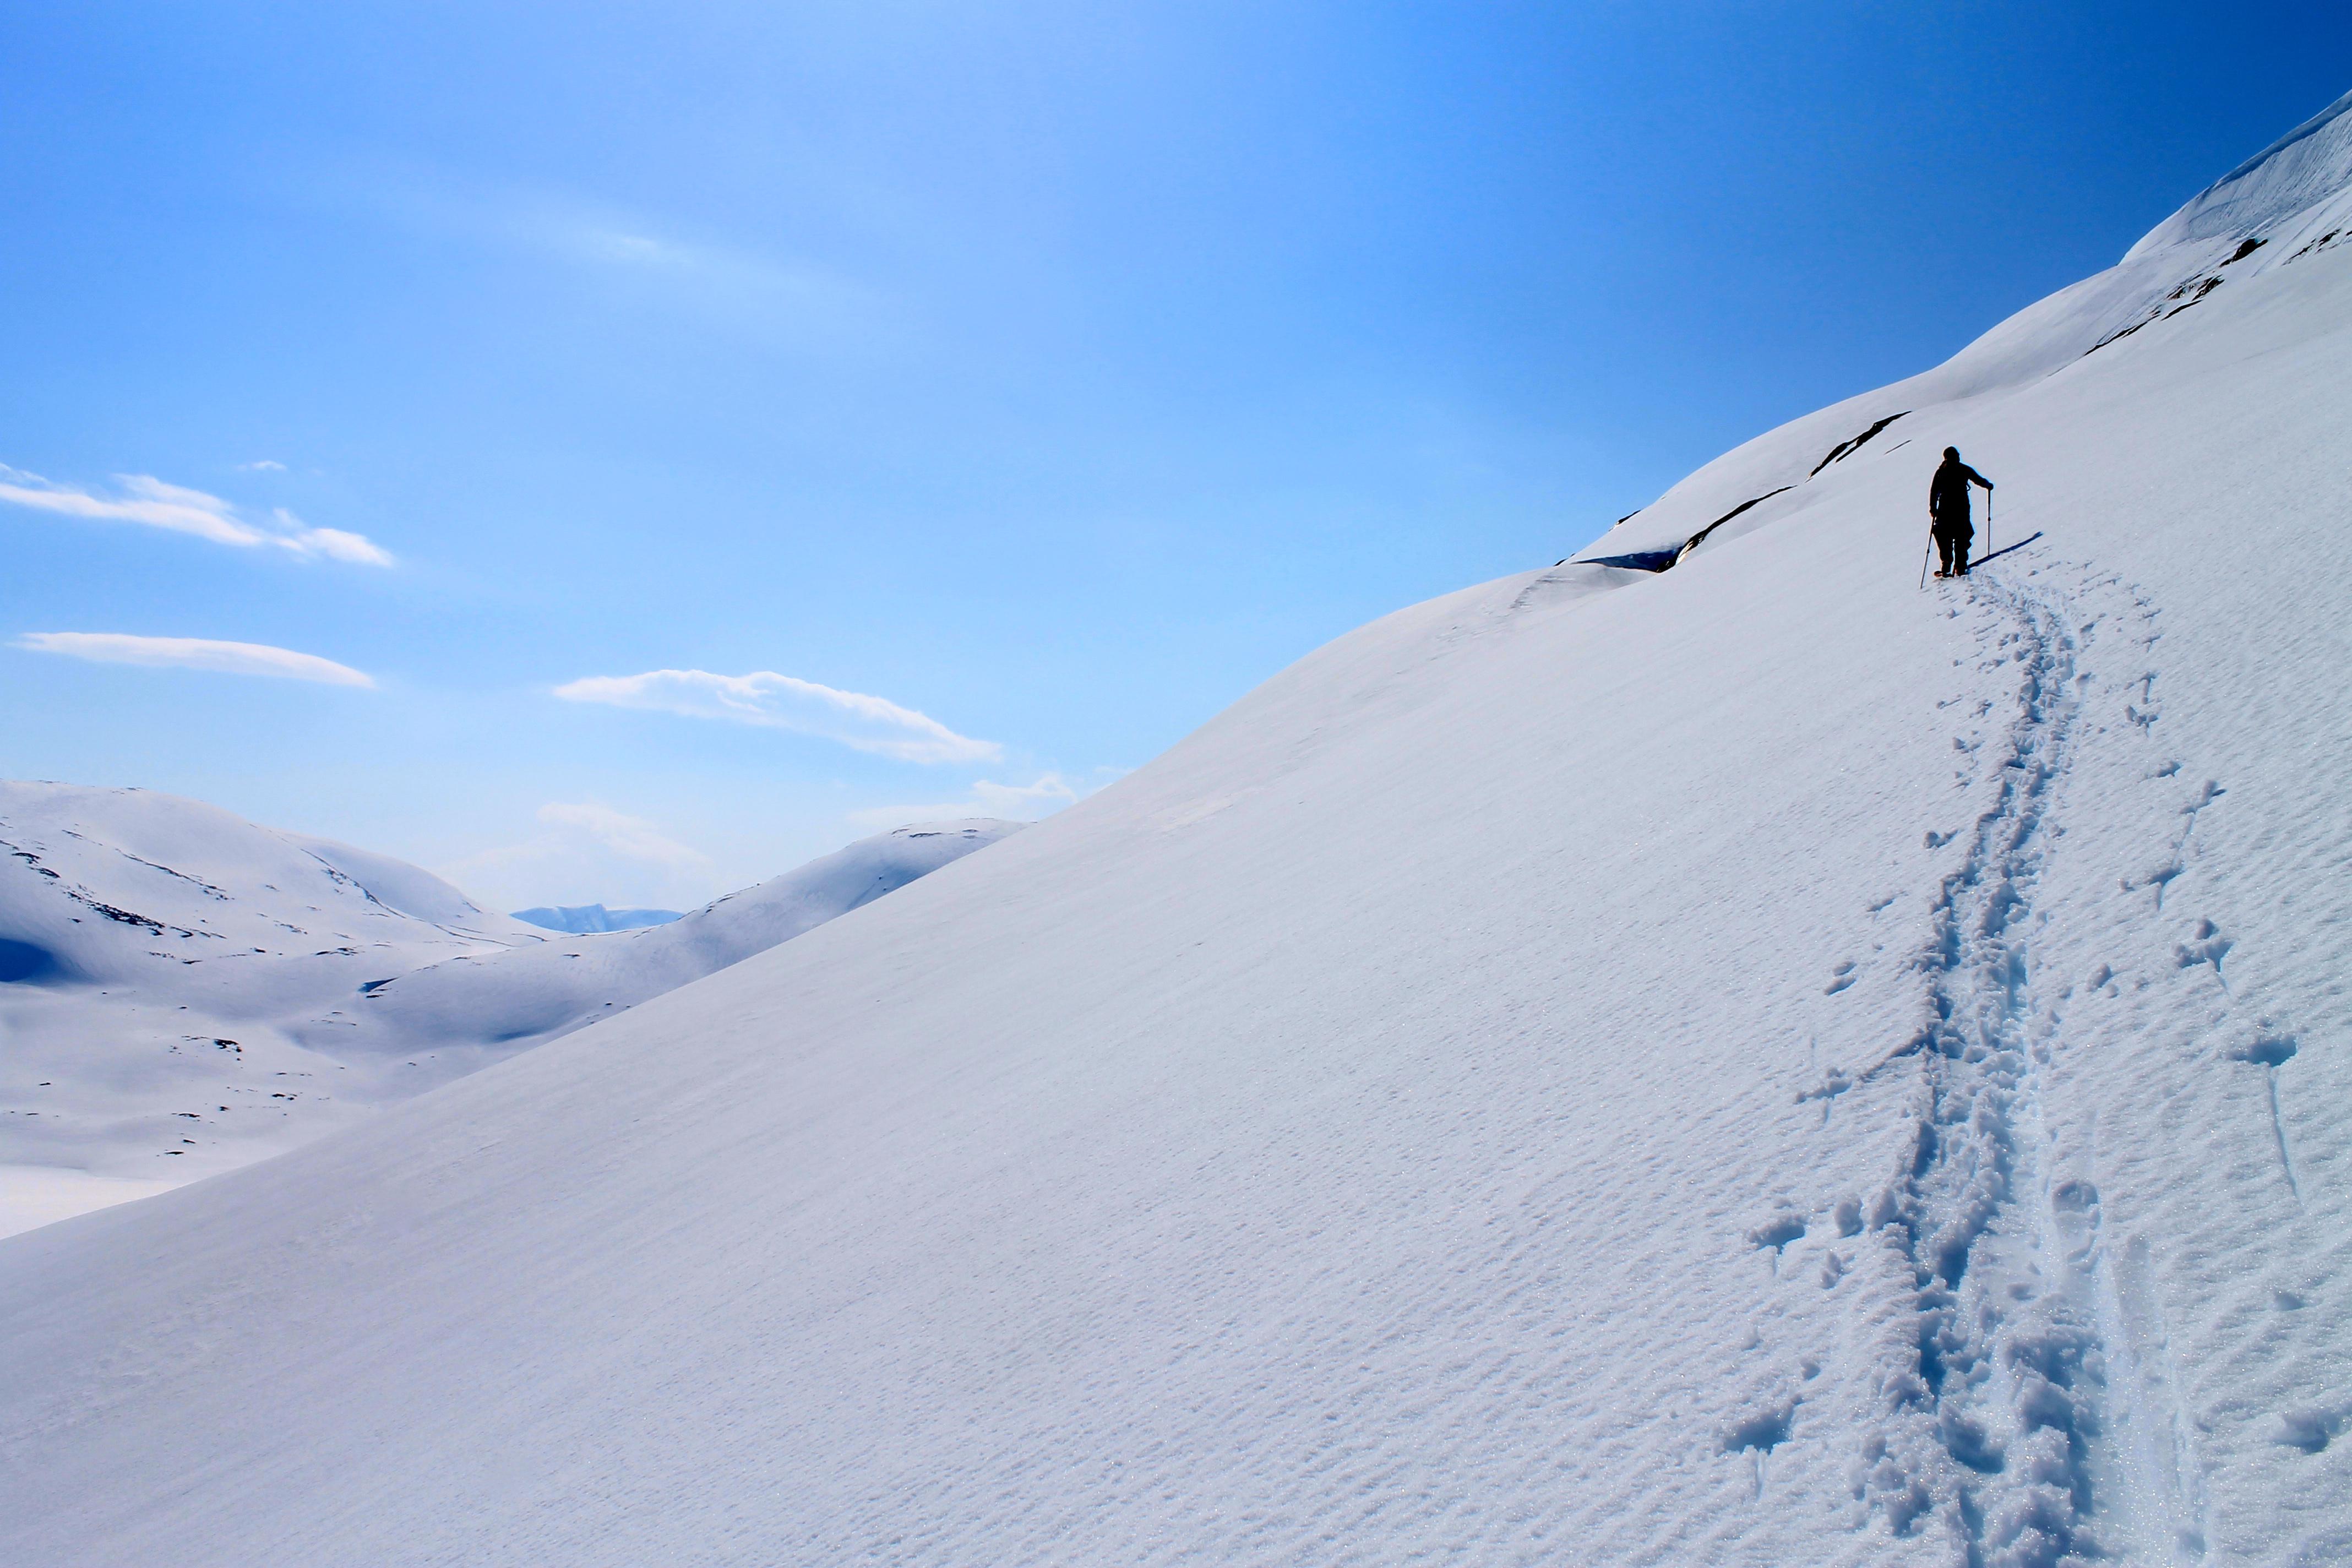 På vei opp til Oppljosegga på Strynefjellet.